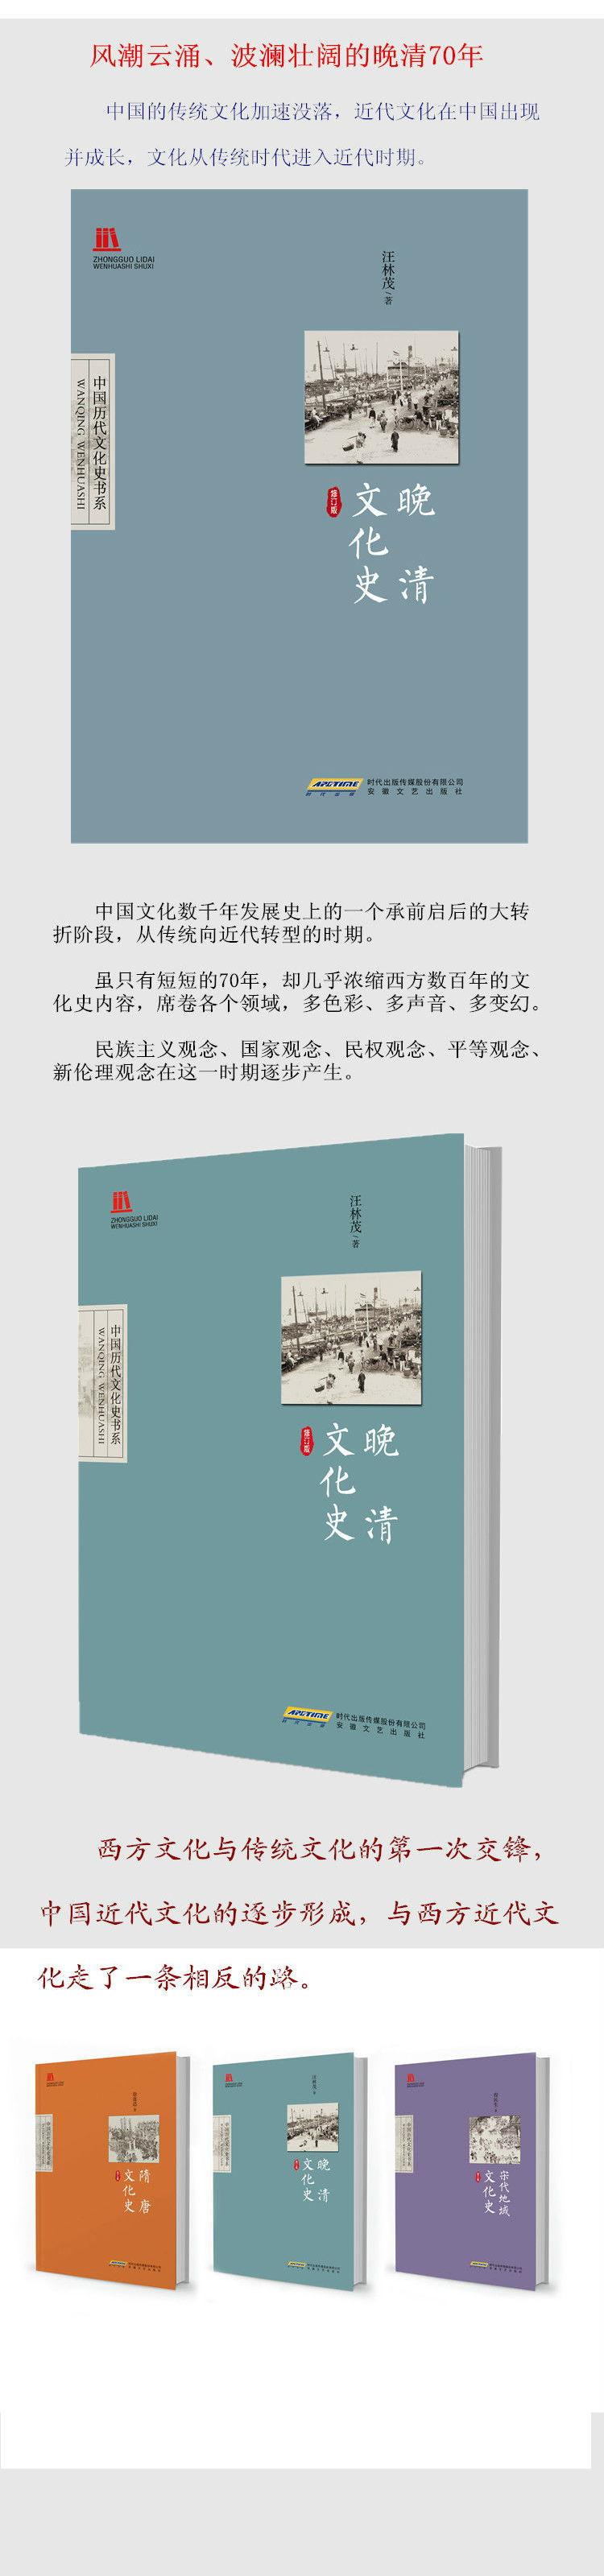 晚清清文化史(修訂版)-中国歴代文化史書系